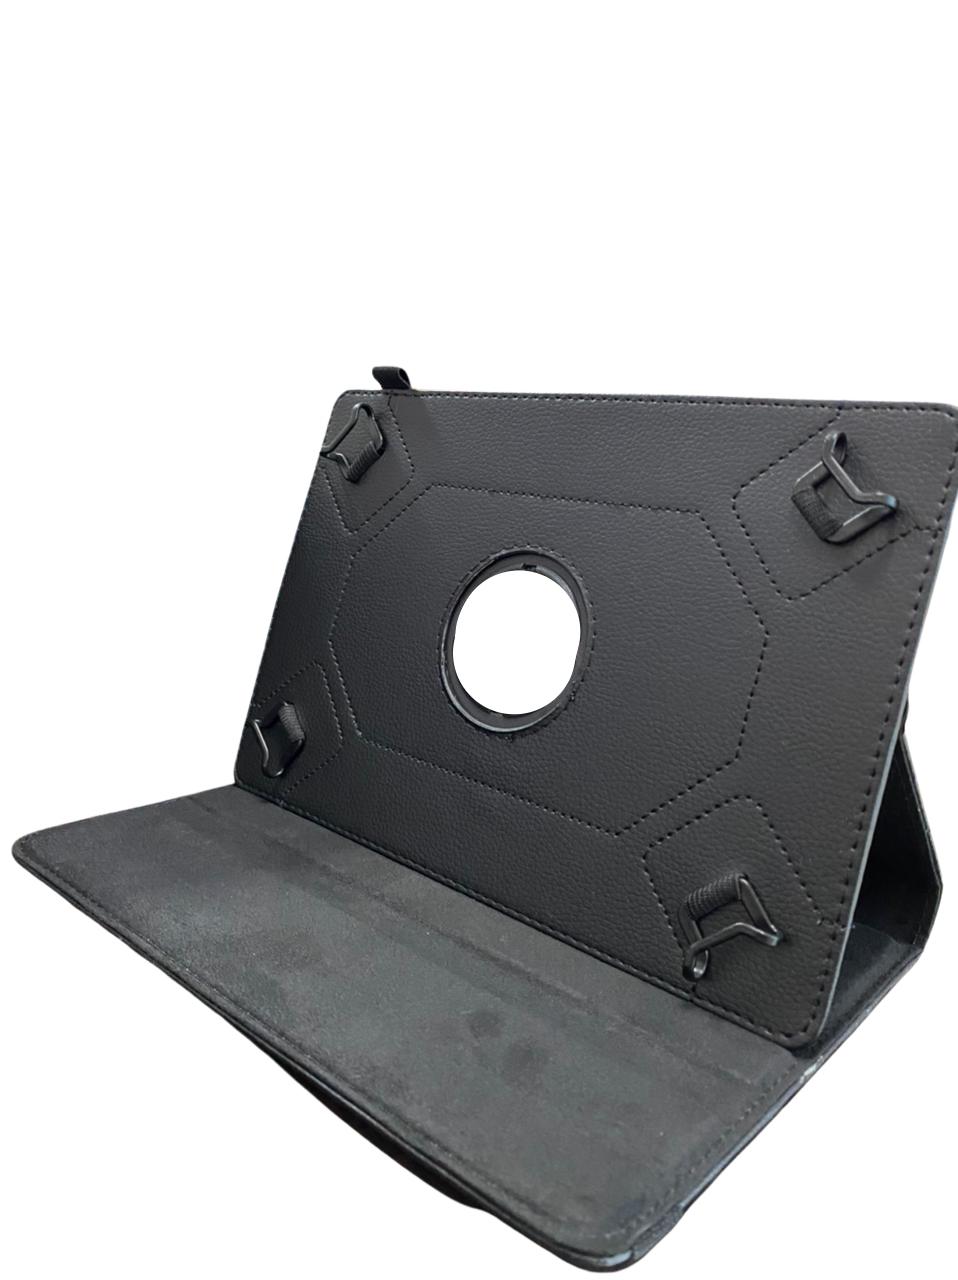 Capa Tablet 10.1 Encaixe Ajustável Giratória Rotação Preta p/ Diversos Modelos